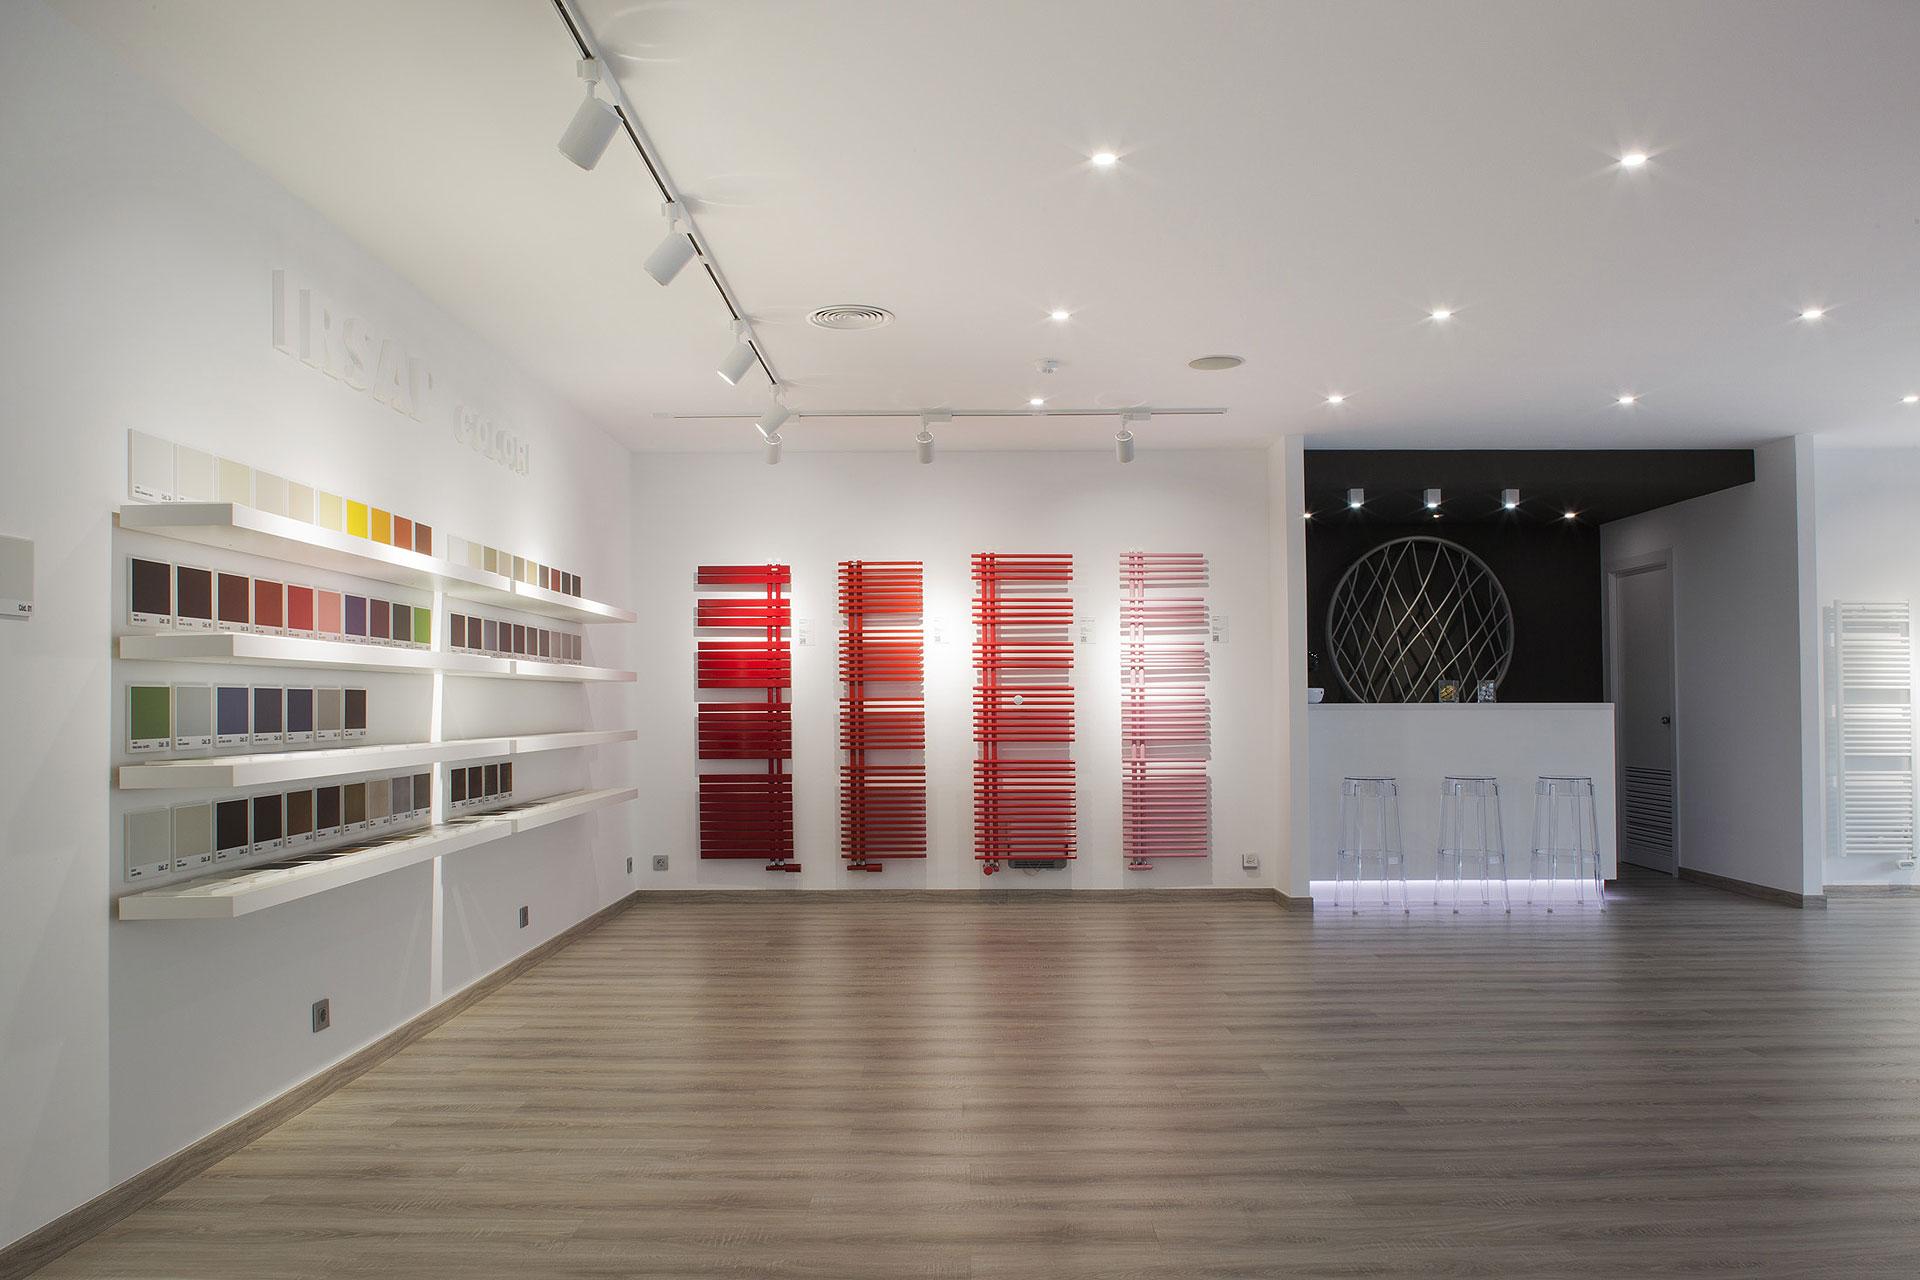 Nuevo showroom de irsap en su sede de gav barcelona - De sede showroom ...